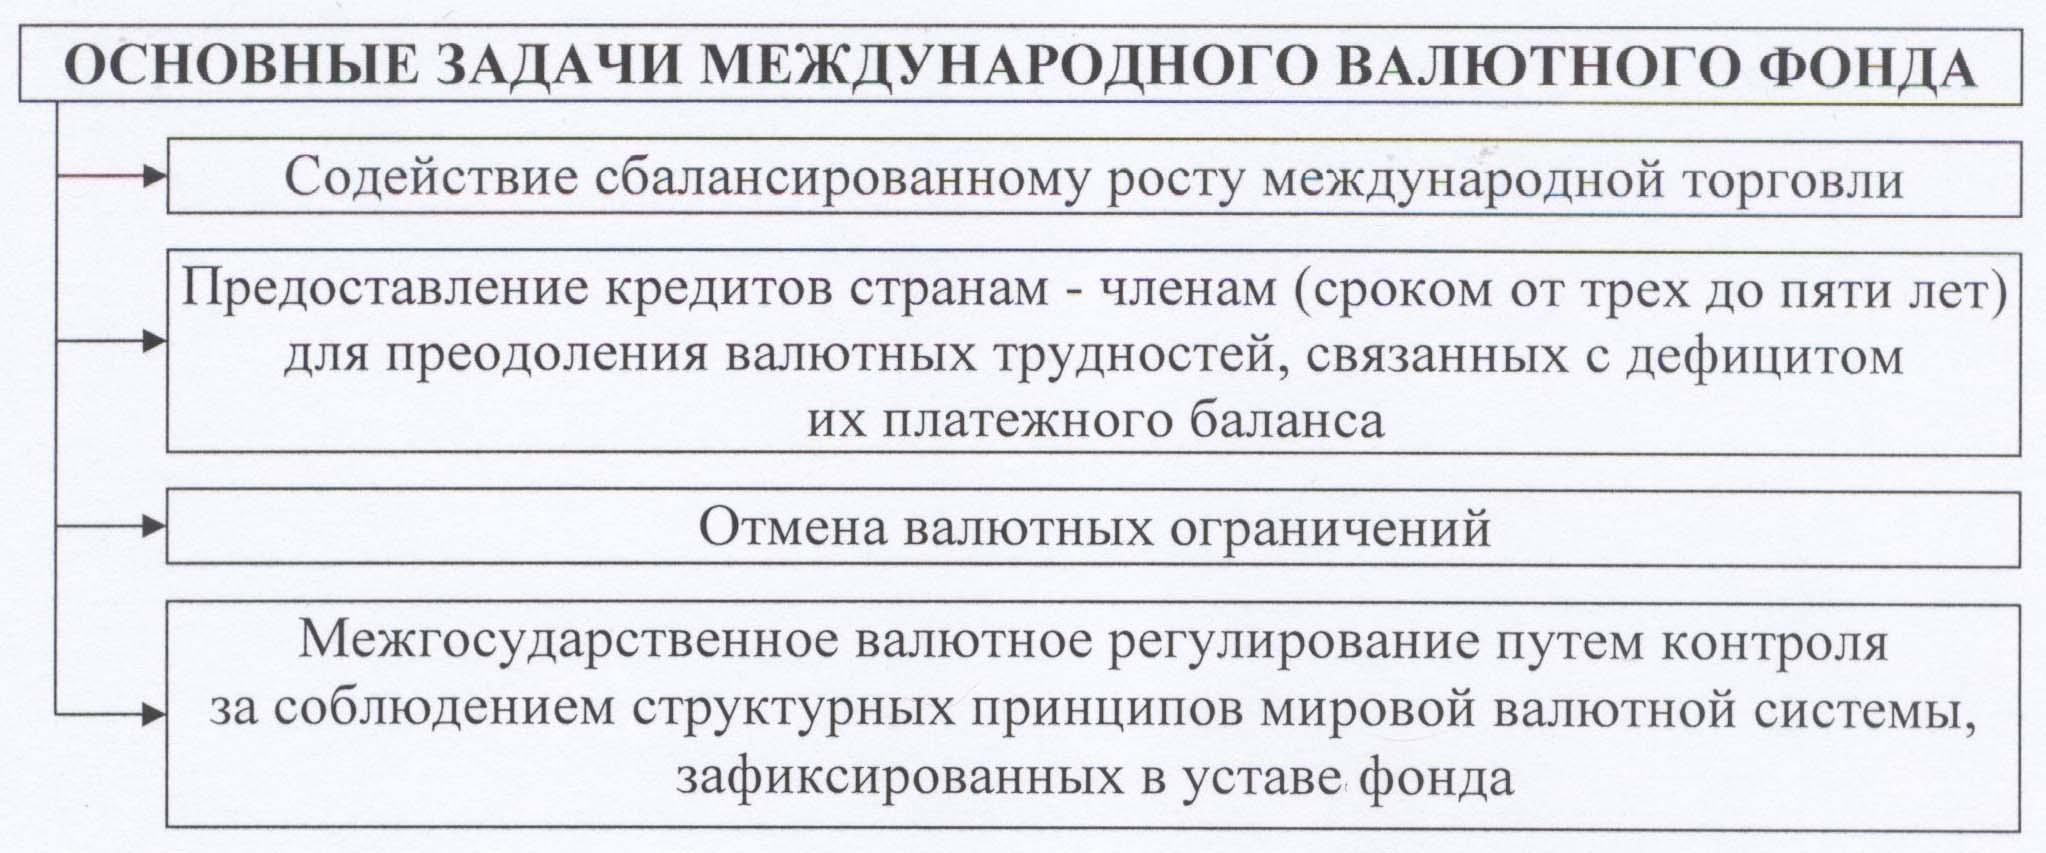 валютный контроль полученного займа от нерезидента